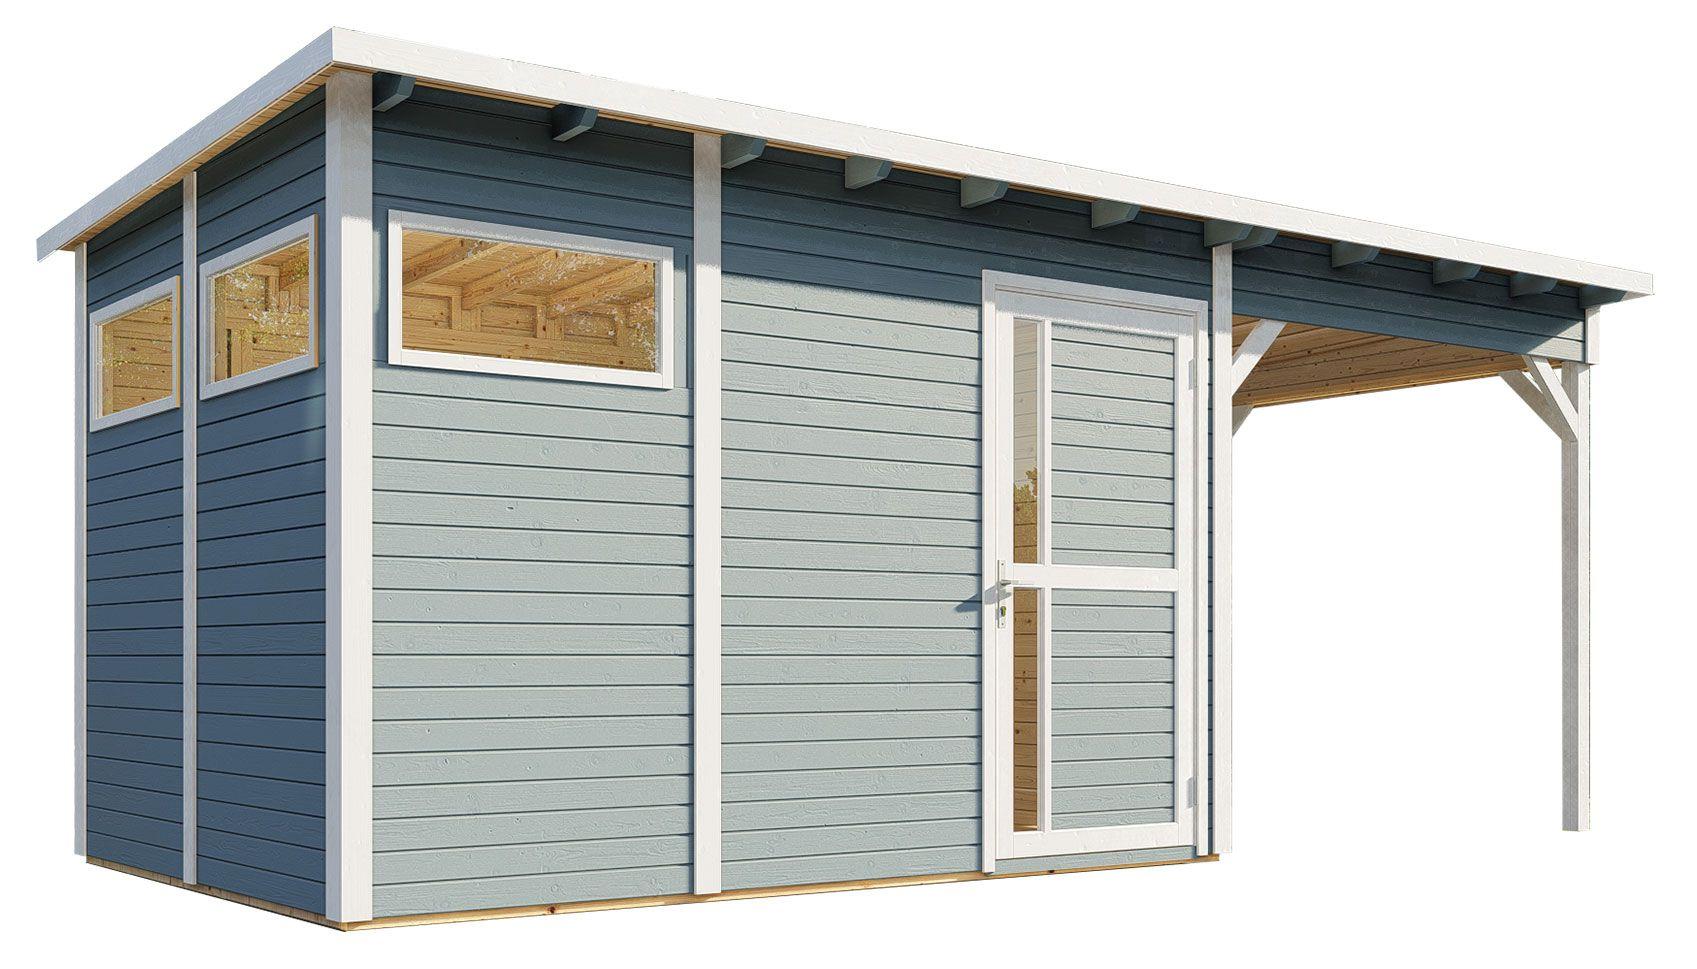 tuinhuis Kiel 03 met aanbouwdak incl. vloer en dakleer, lichtgrijs gelakt - 19 mm element tuinhuis, bruikbare grondoppervlakte: 7,70 m², plat dak